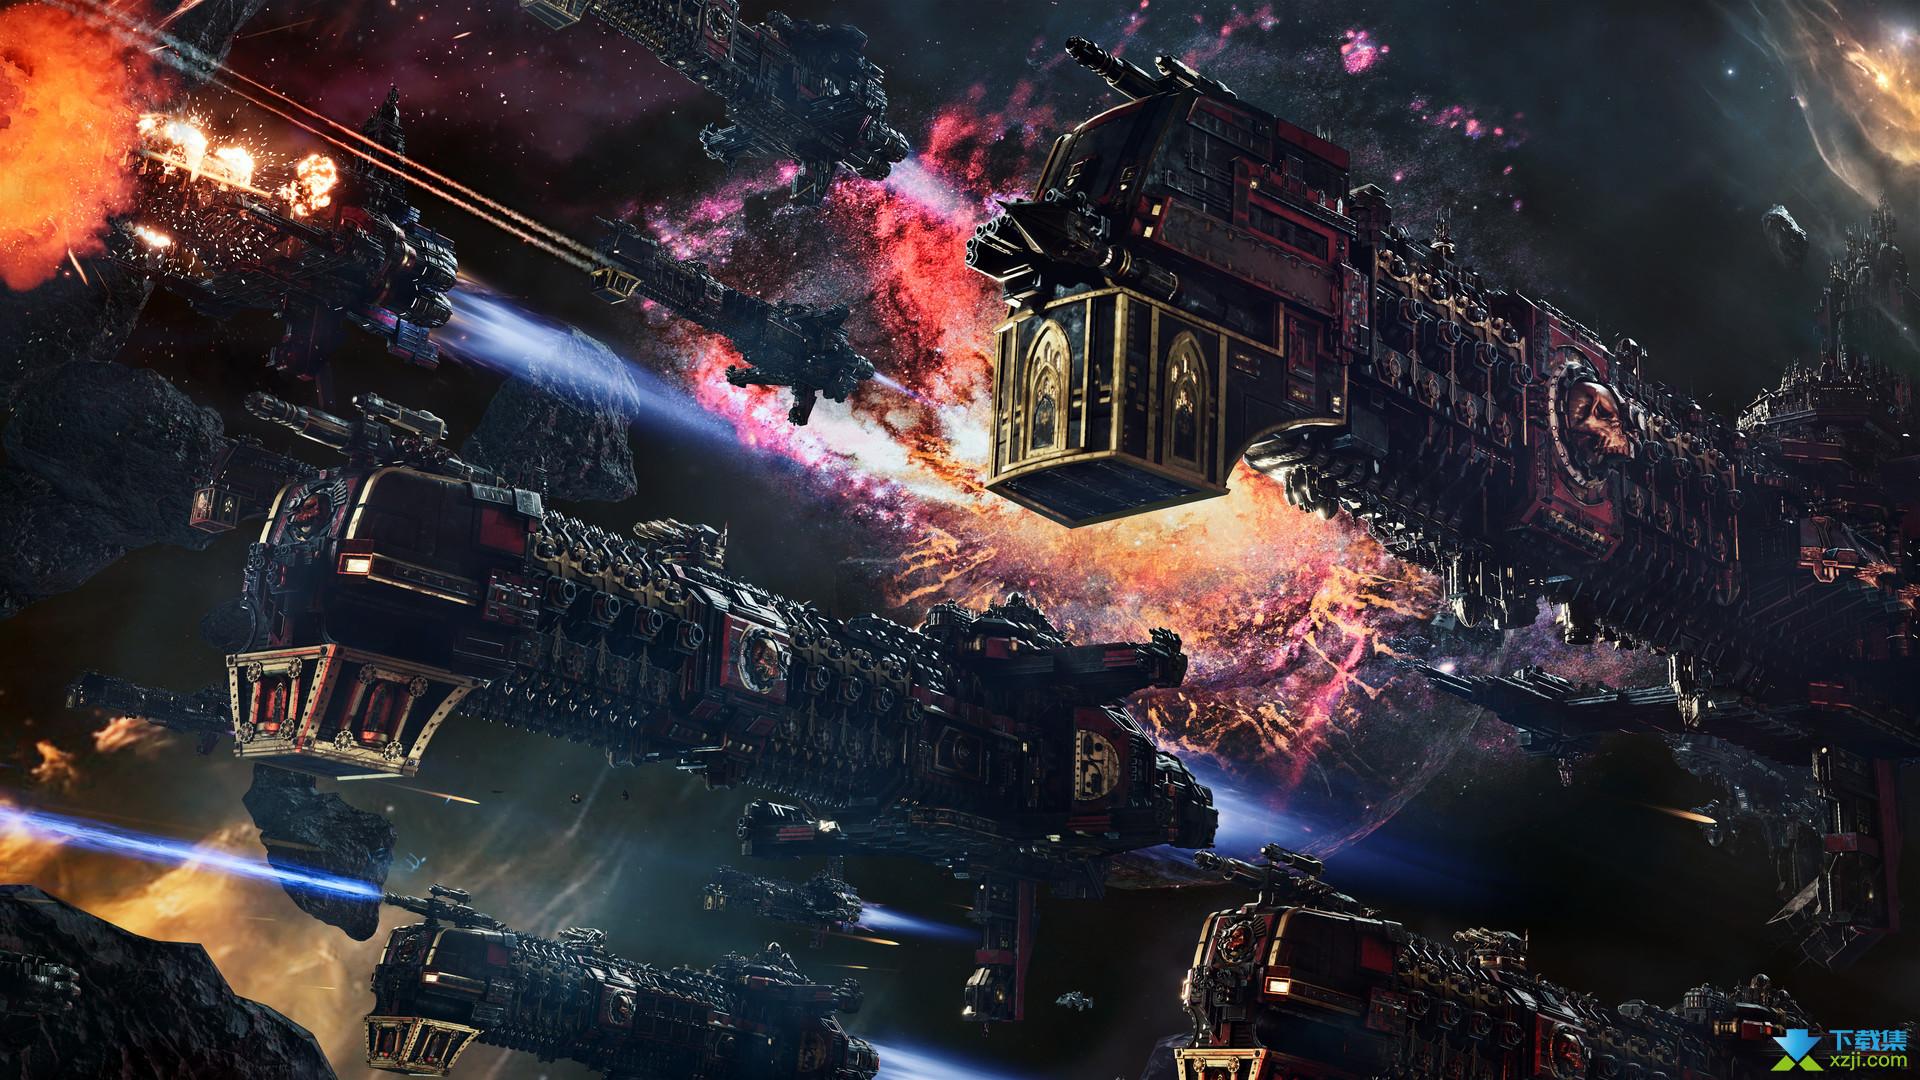 哥特舰队阿玛达2界面1